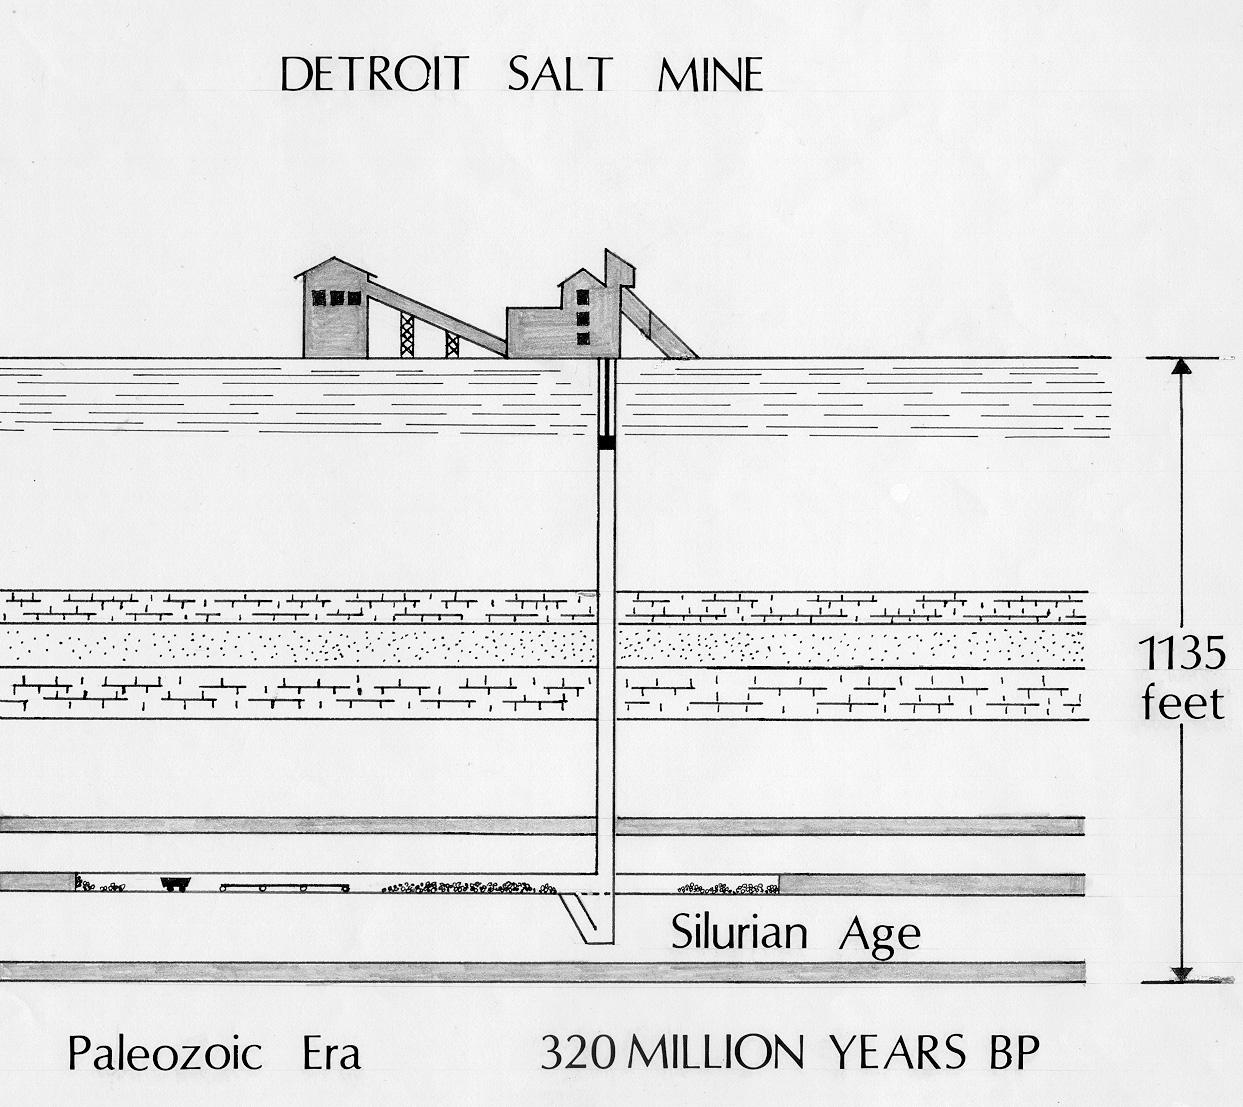 detroit salt mines map Detroit Salt Mine detroit salt mines map